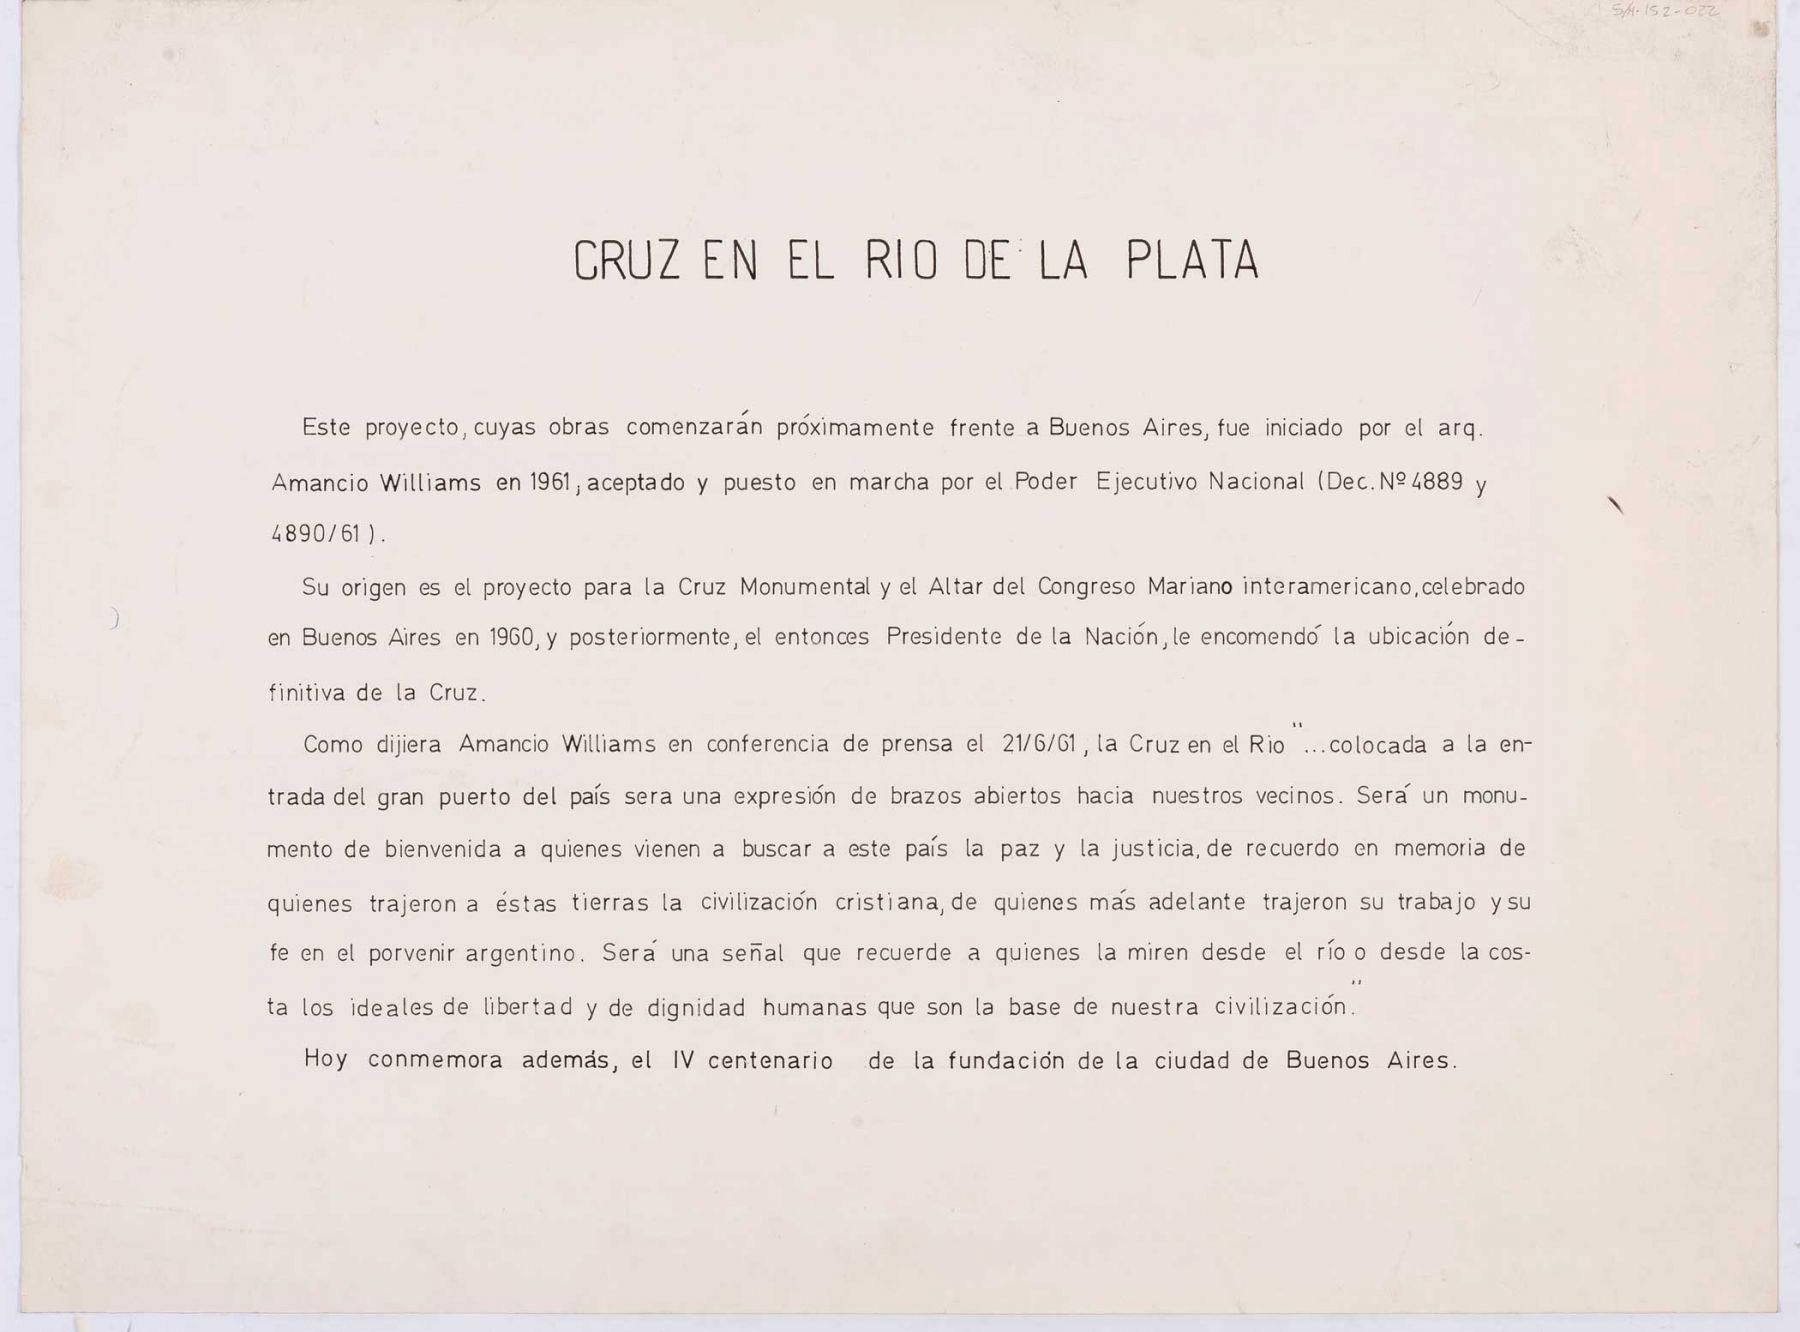 Cruz en el Río de La Plata